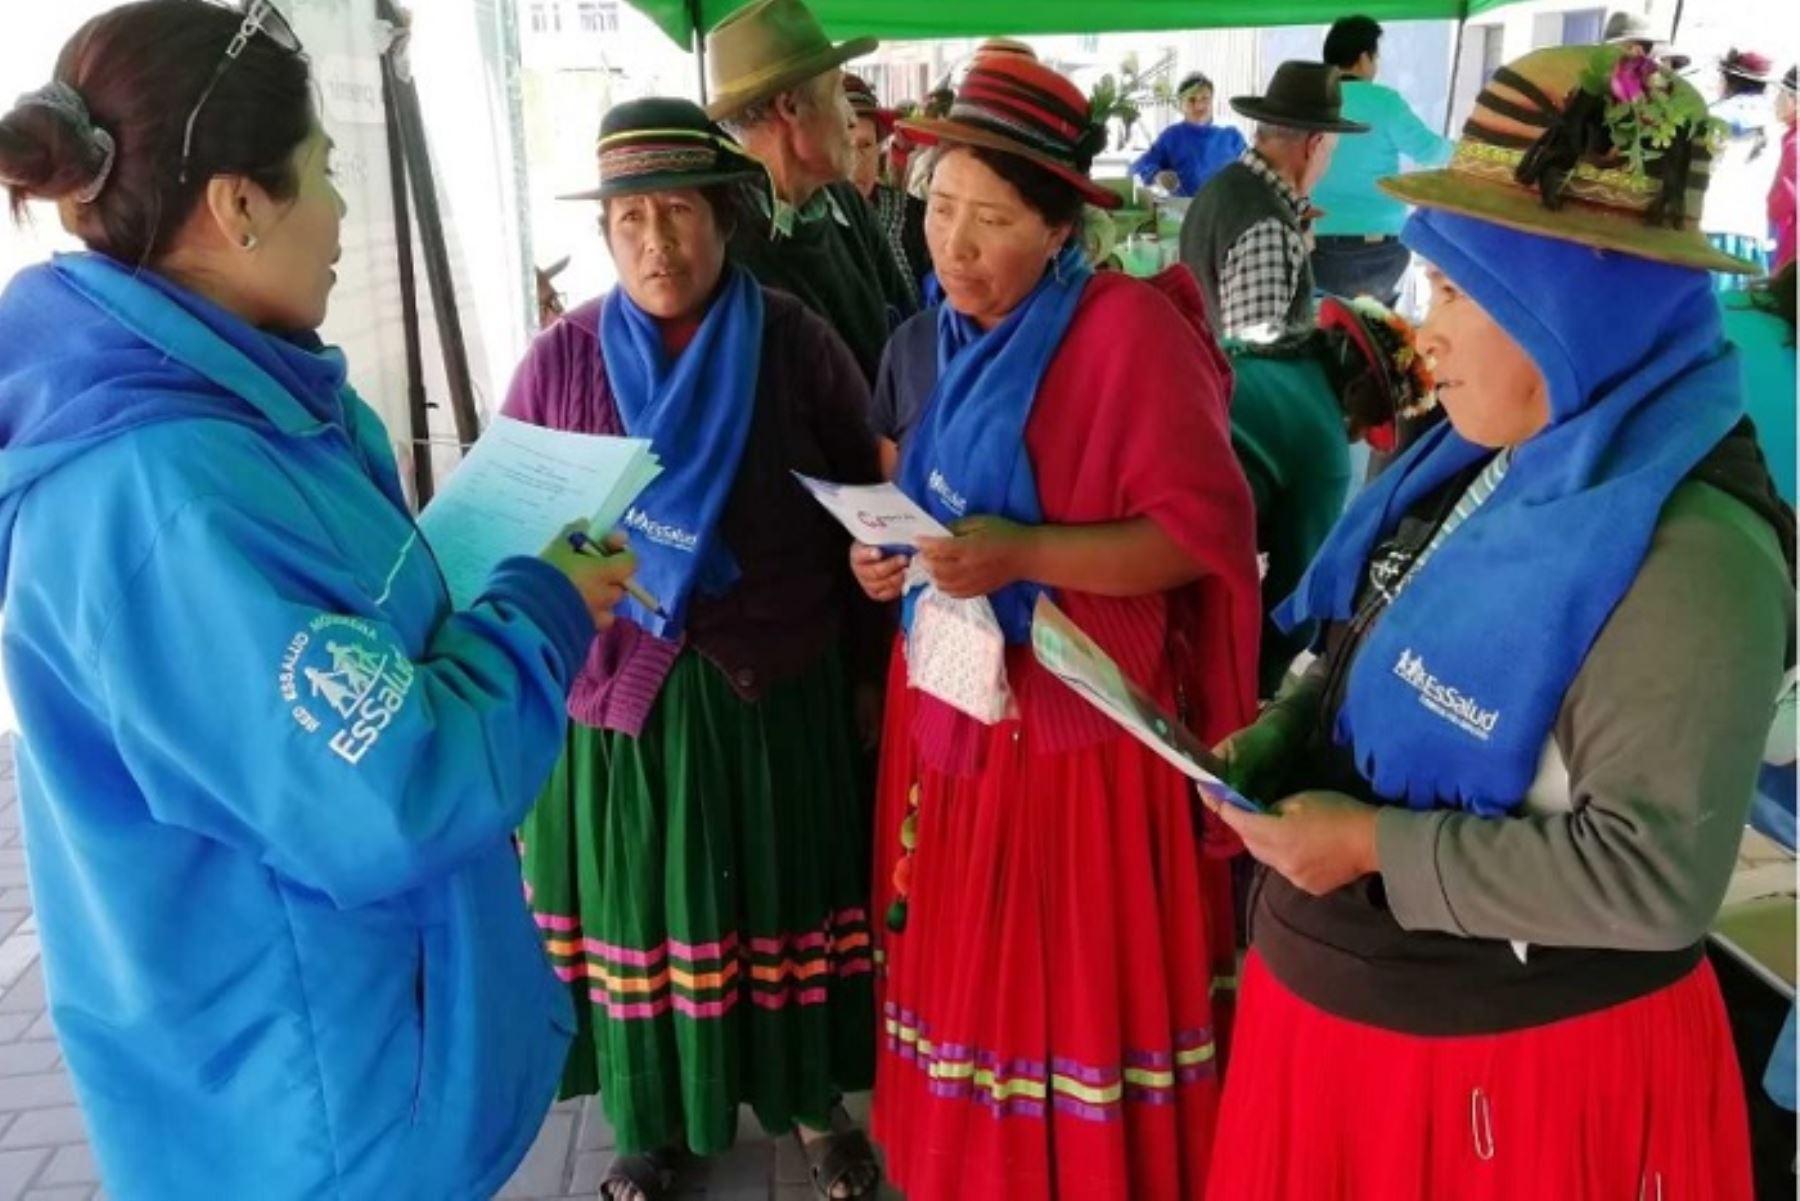 El Seguro Social de Salud (EsSalud) viene adoptando las acciones necesarias para garantizar la atención oportuna a la población del sur del país que resulte afectada por la emisión de cenizas del volcán Ubinas, en la región Moquegua.